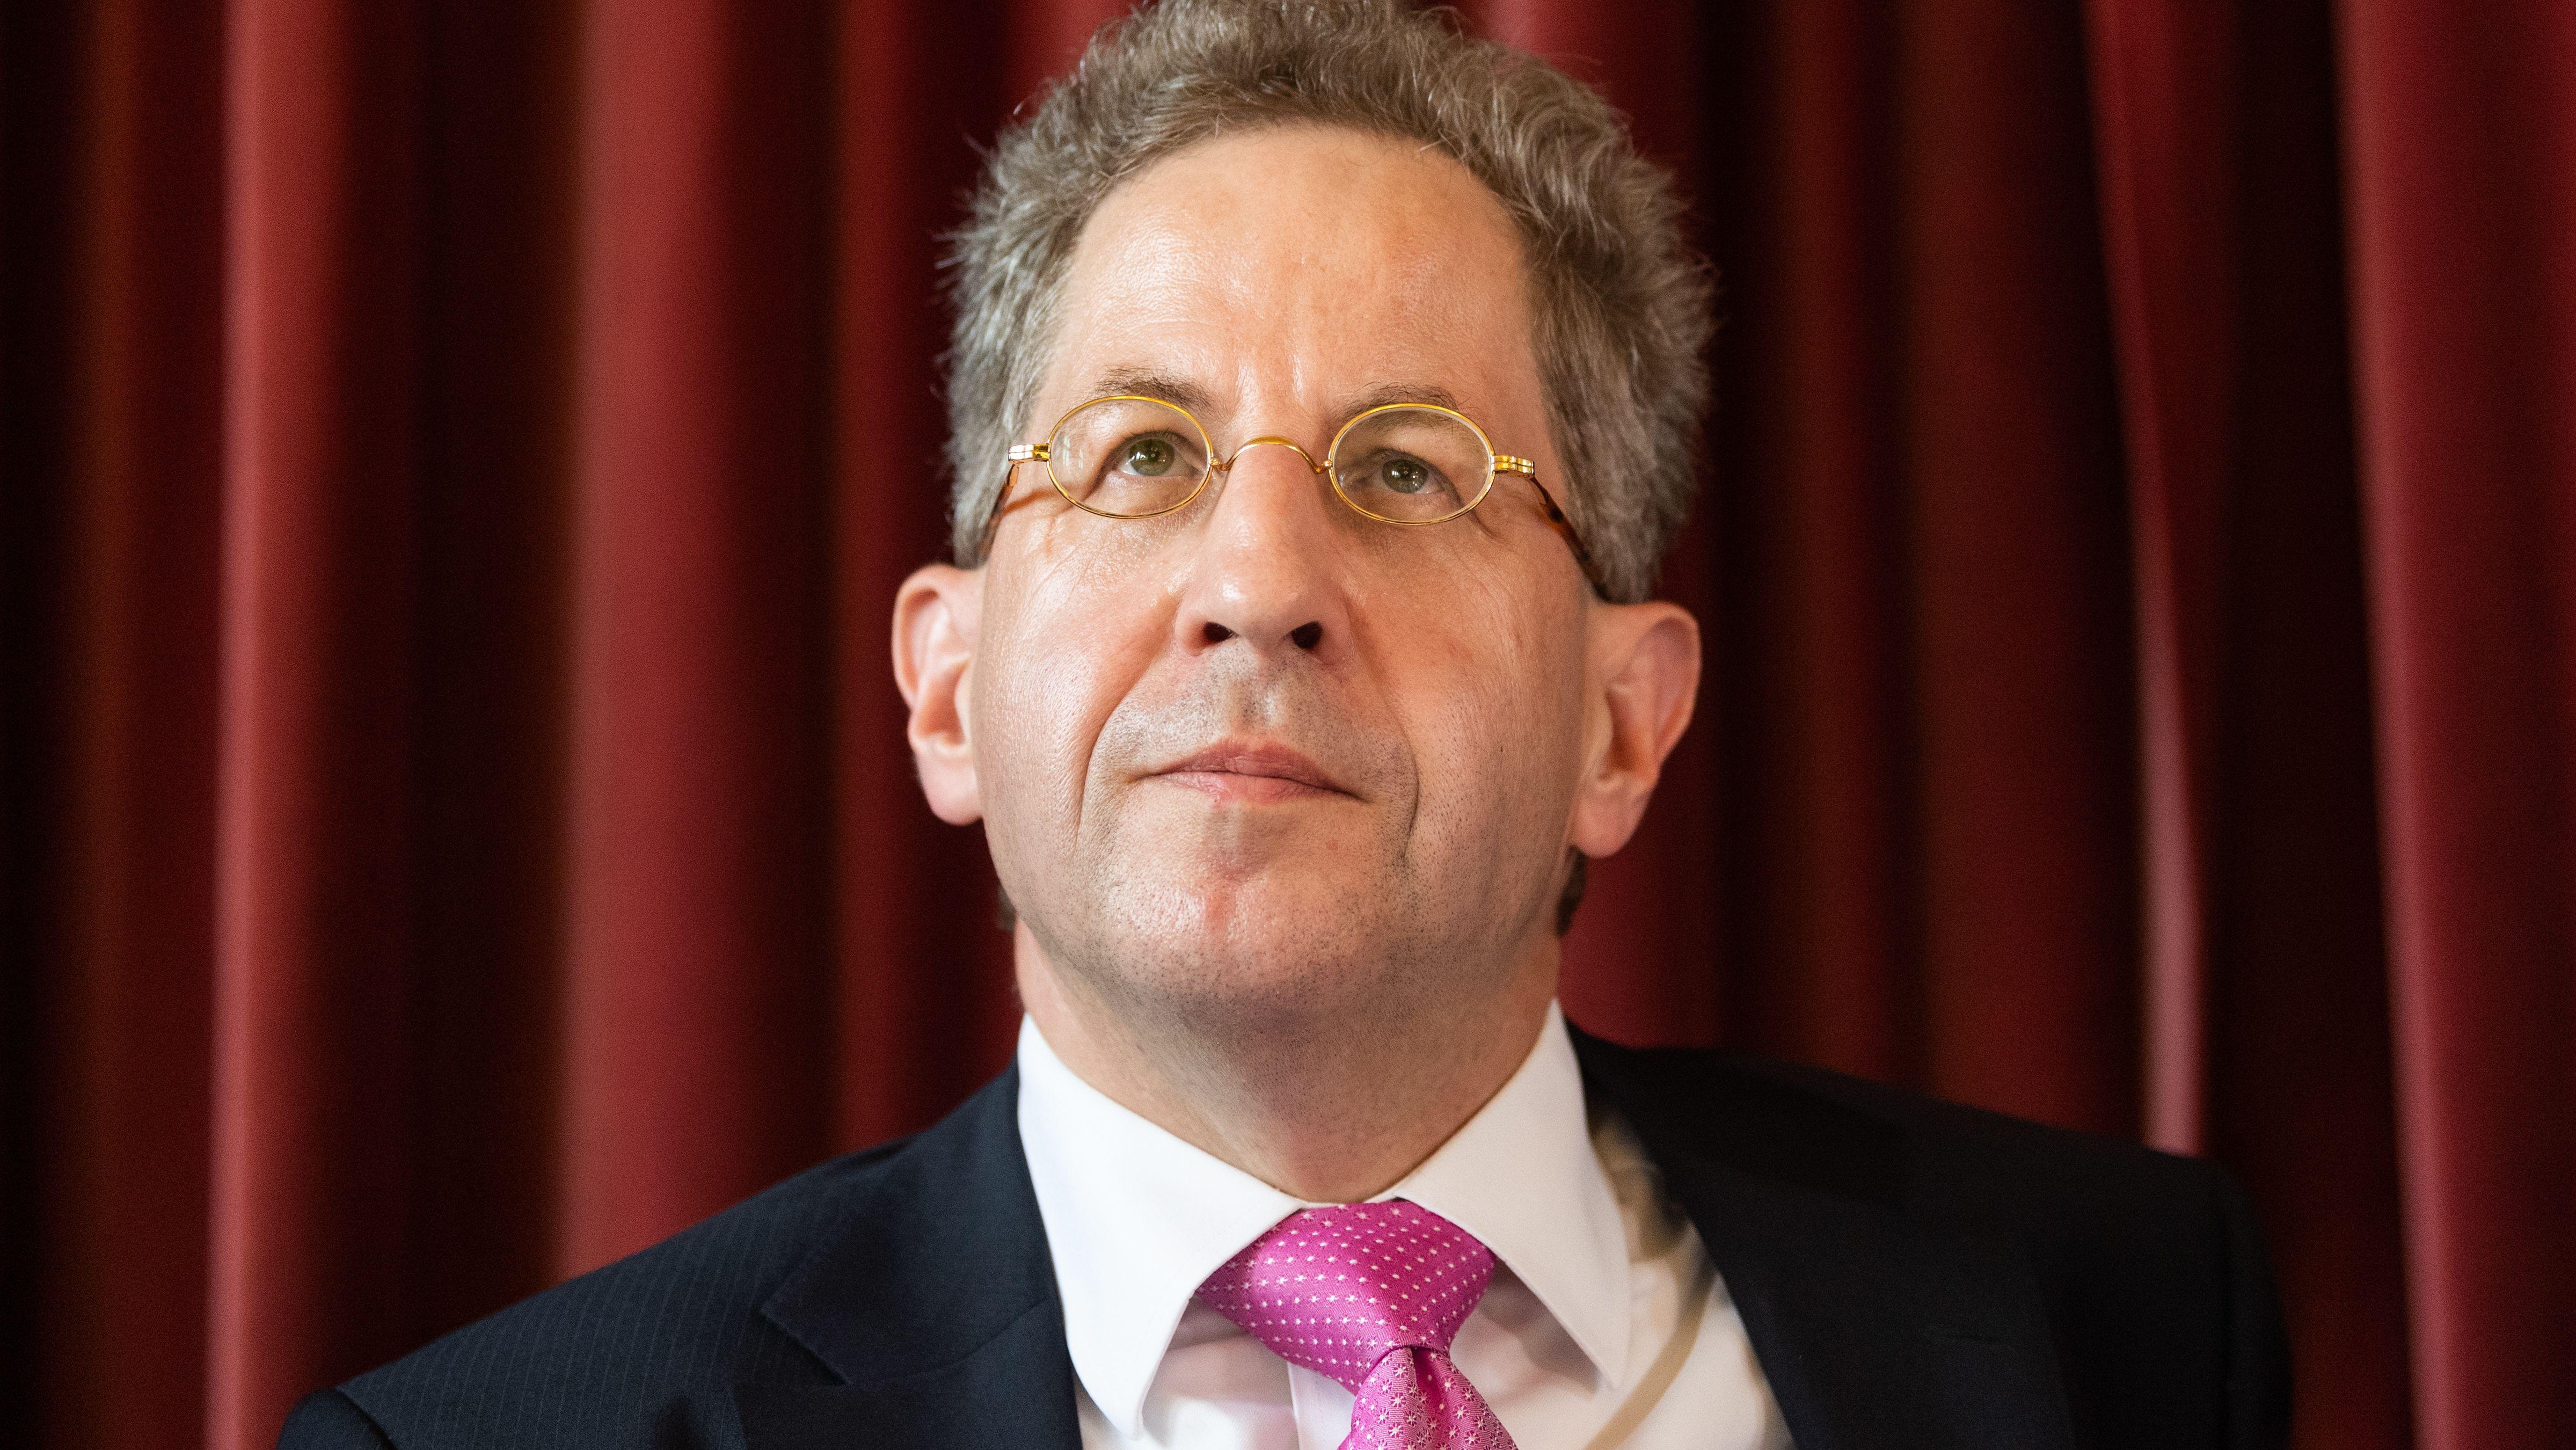 Hans-Georg Maaßen, Ex-Verfassungsschutzchef, bei einer Wahlkampfveranstaltung der CDU am 1.8.2019 in Radebeul (Sachsen)